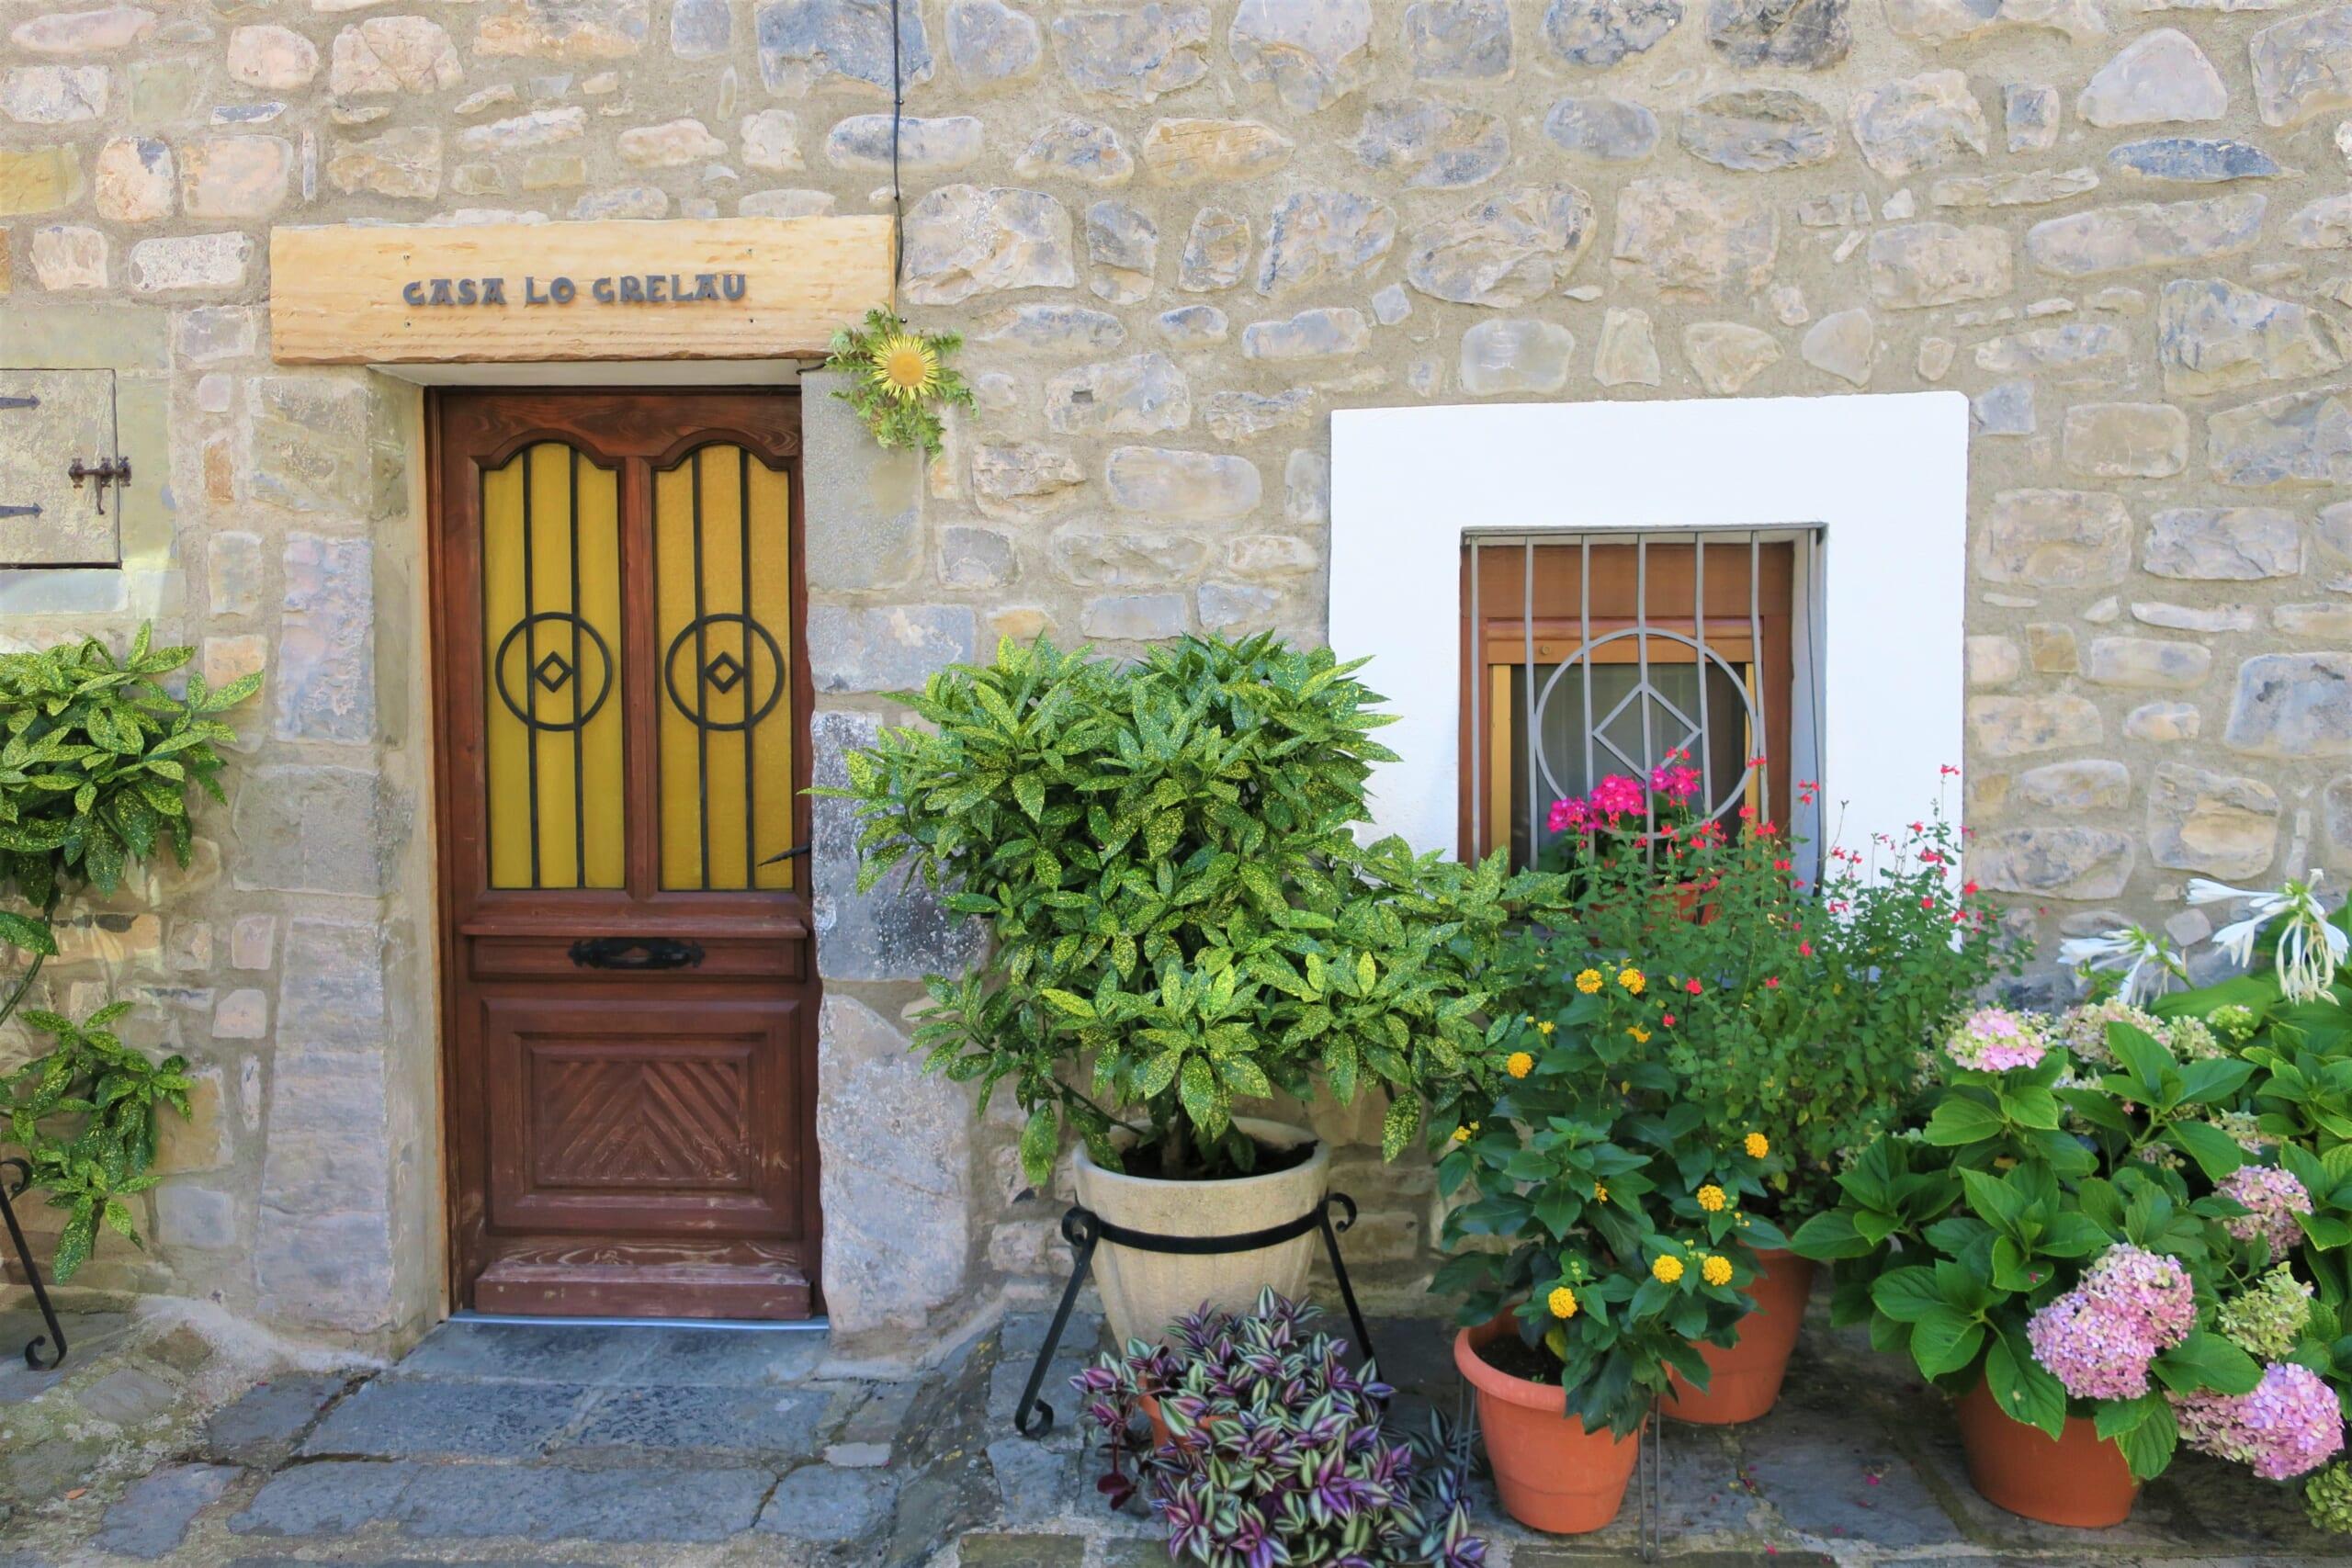 北スペインの観光スポットであるピレネー山中に佇むエッチョ村